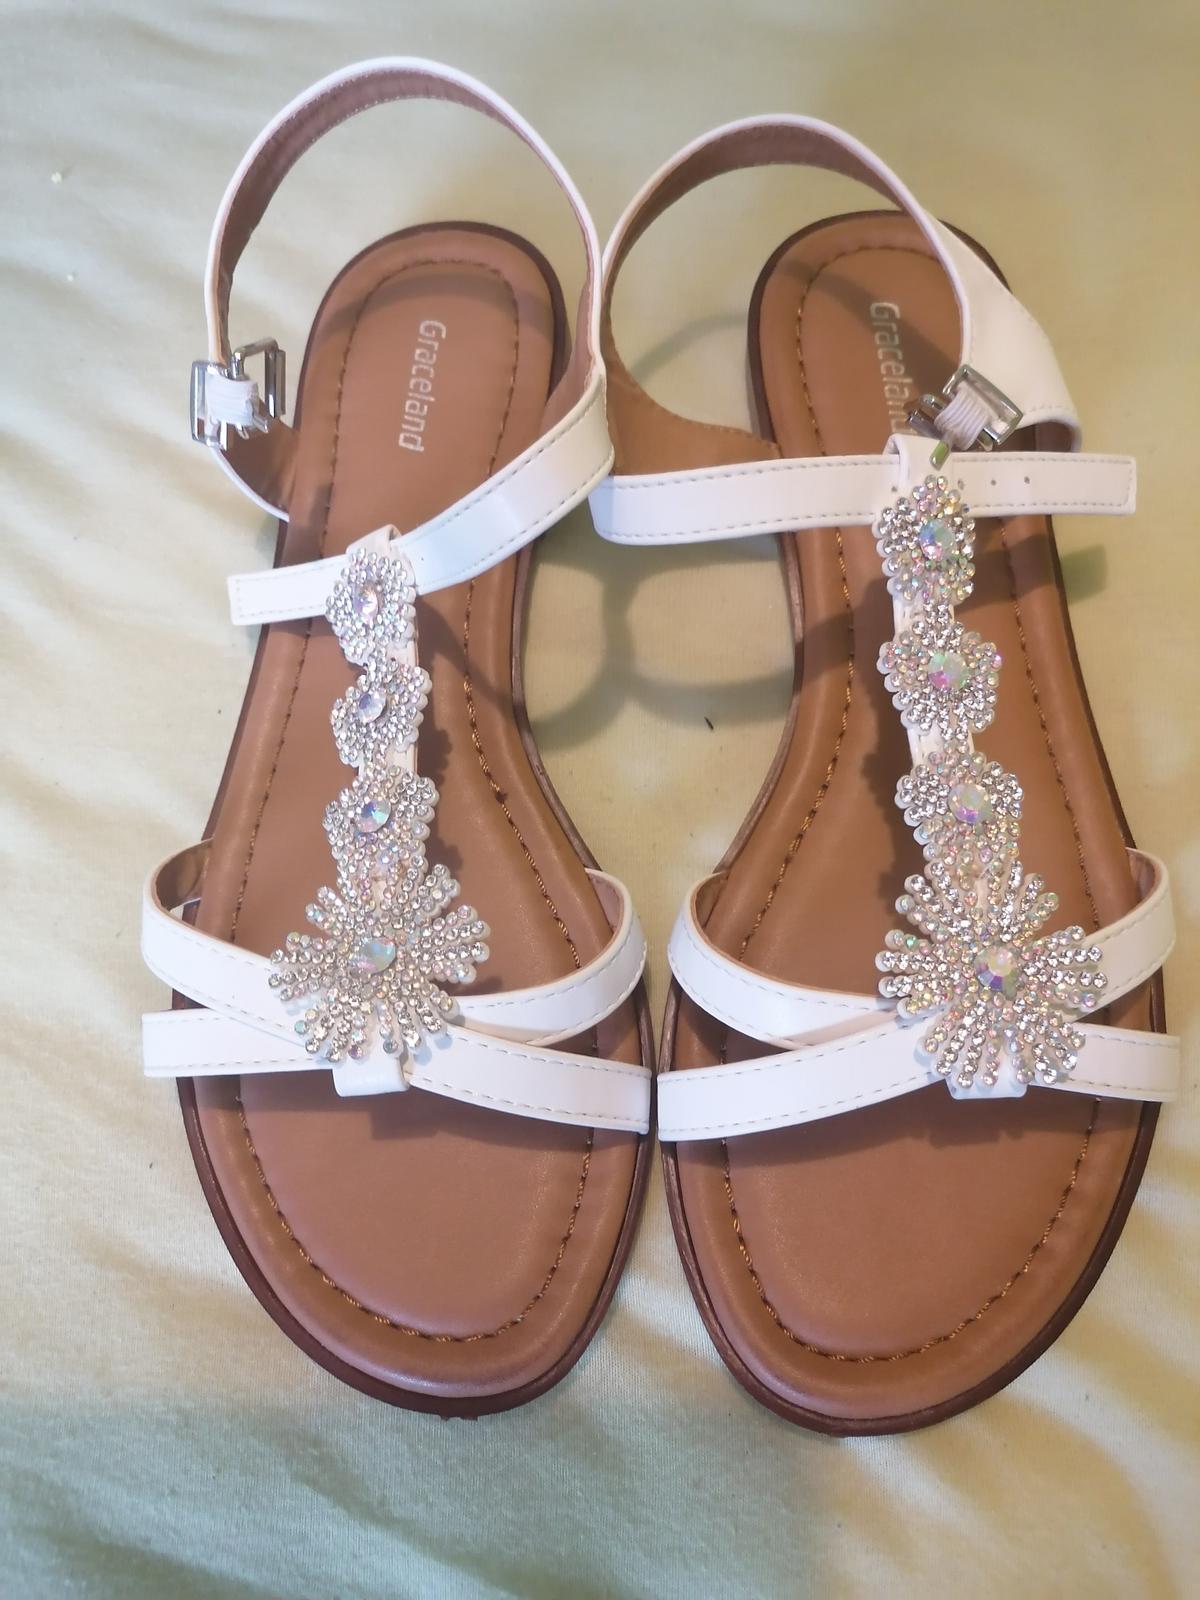 Nové sandálky nepoužité - Obrázek č. 1